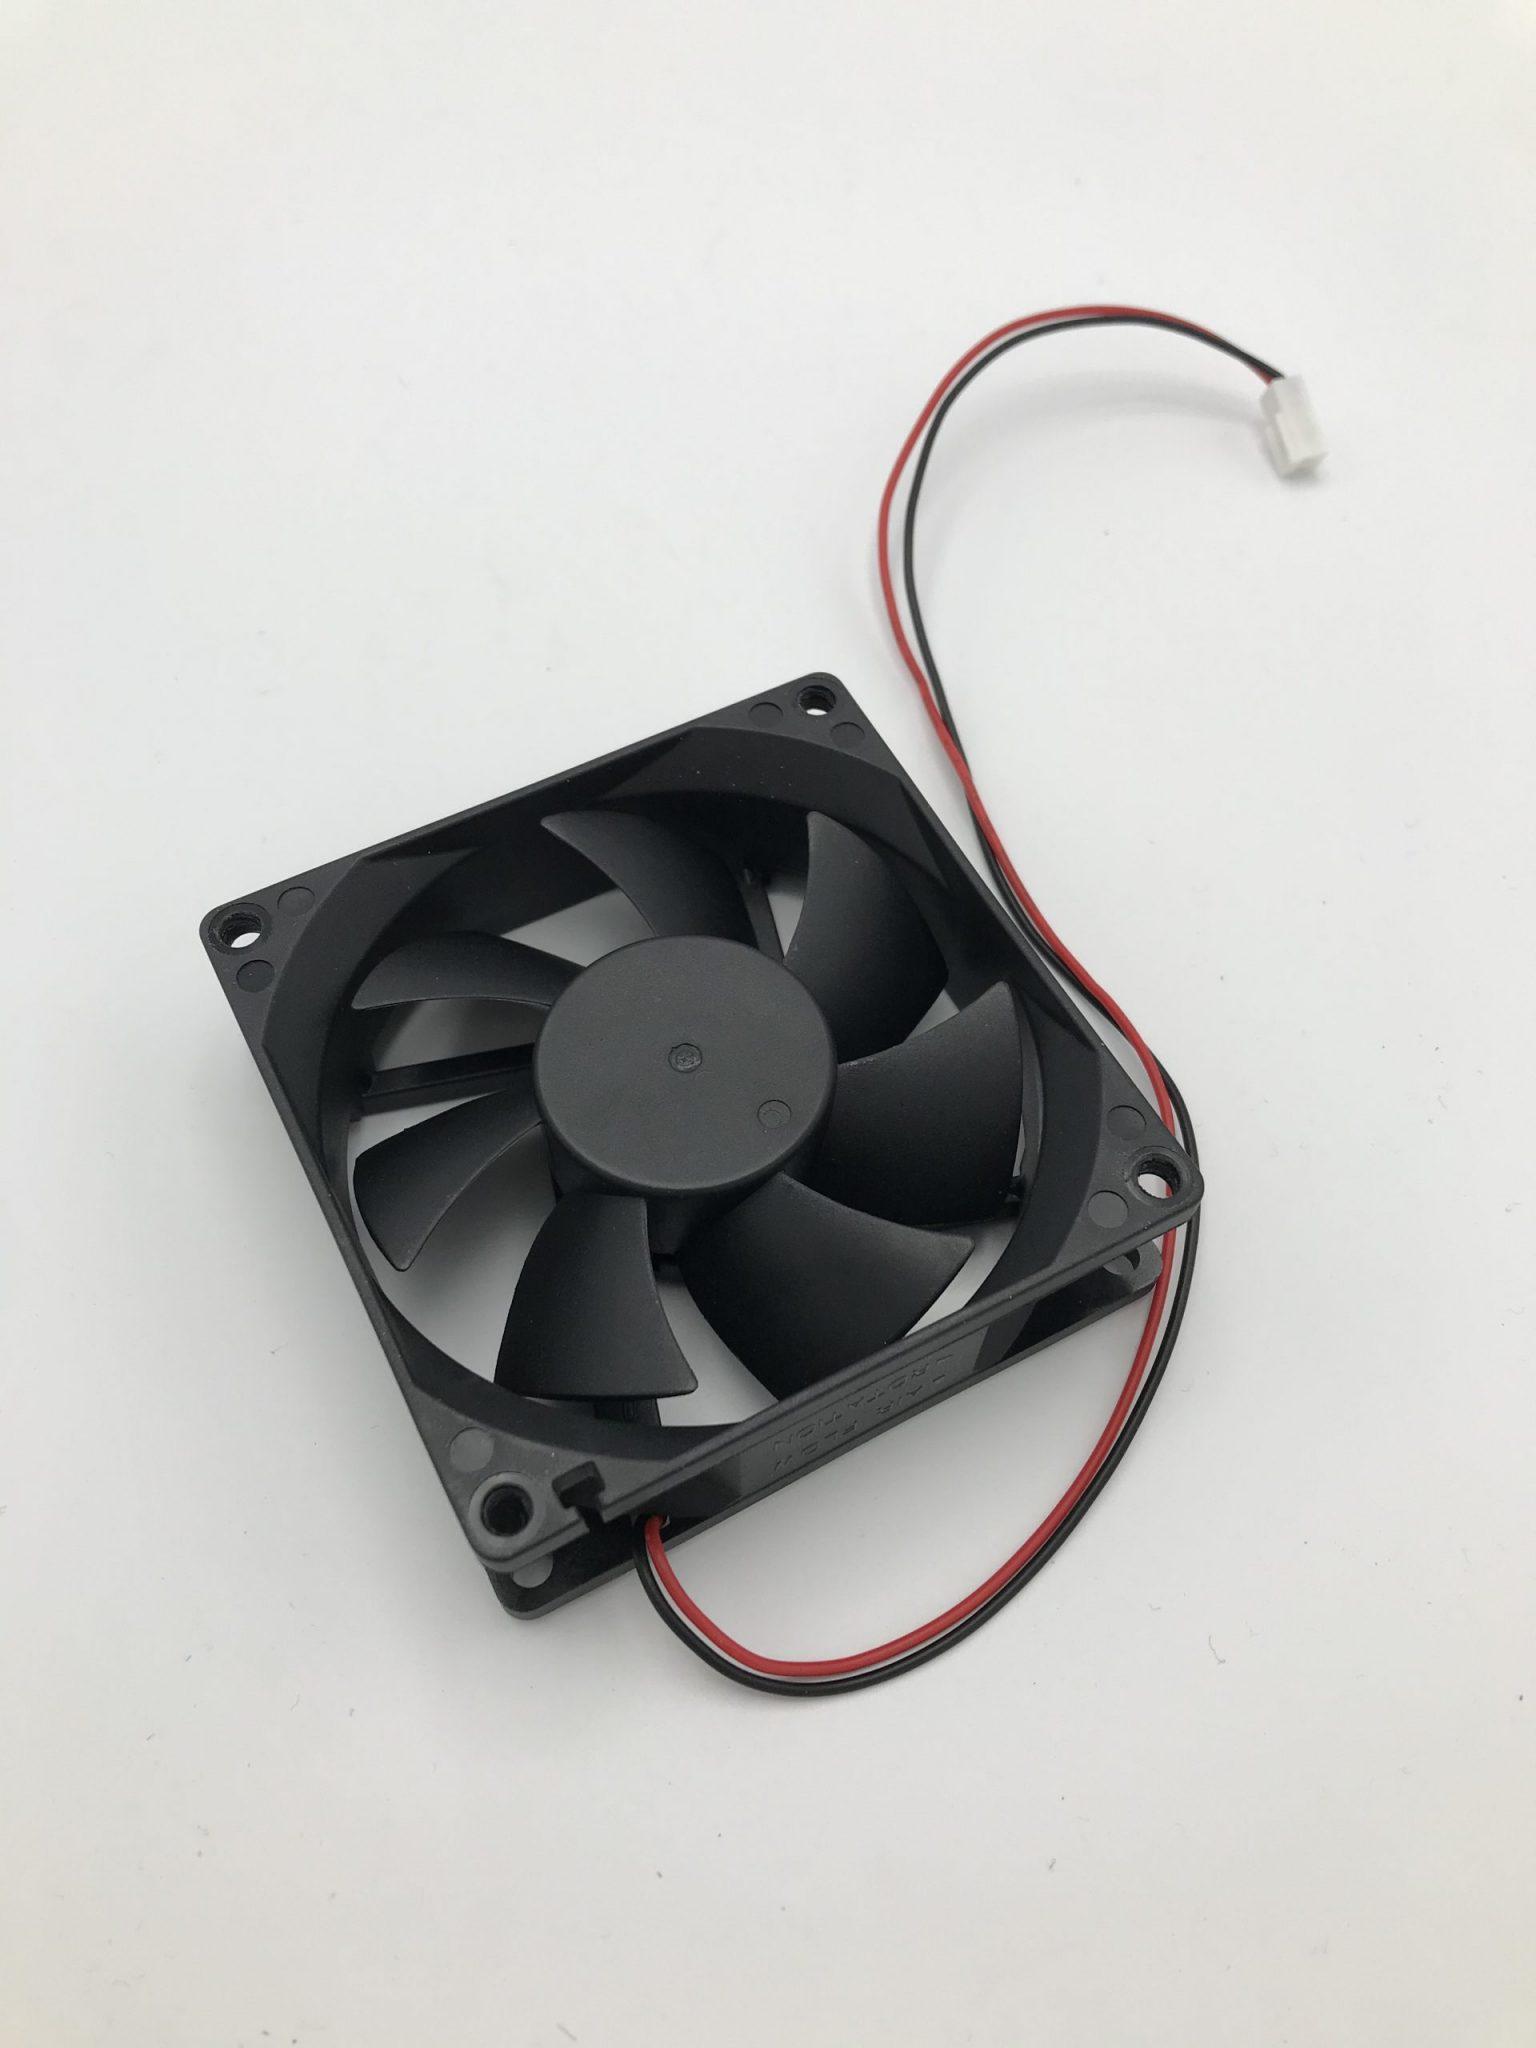 Phrozen Fan 8025